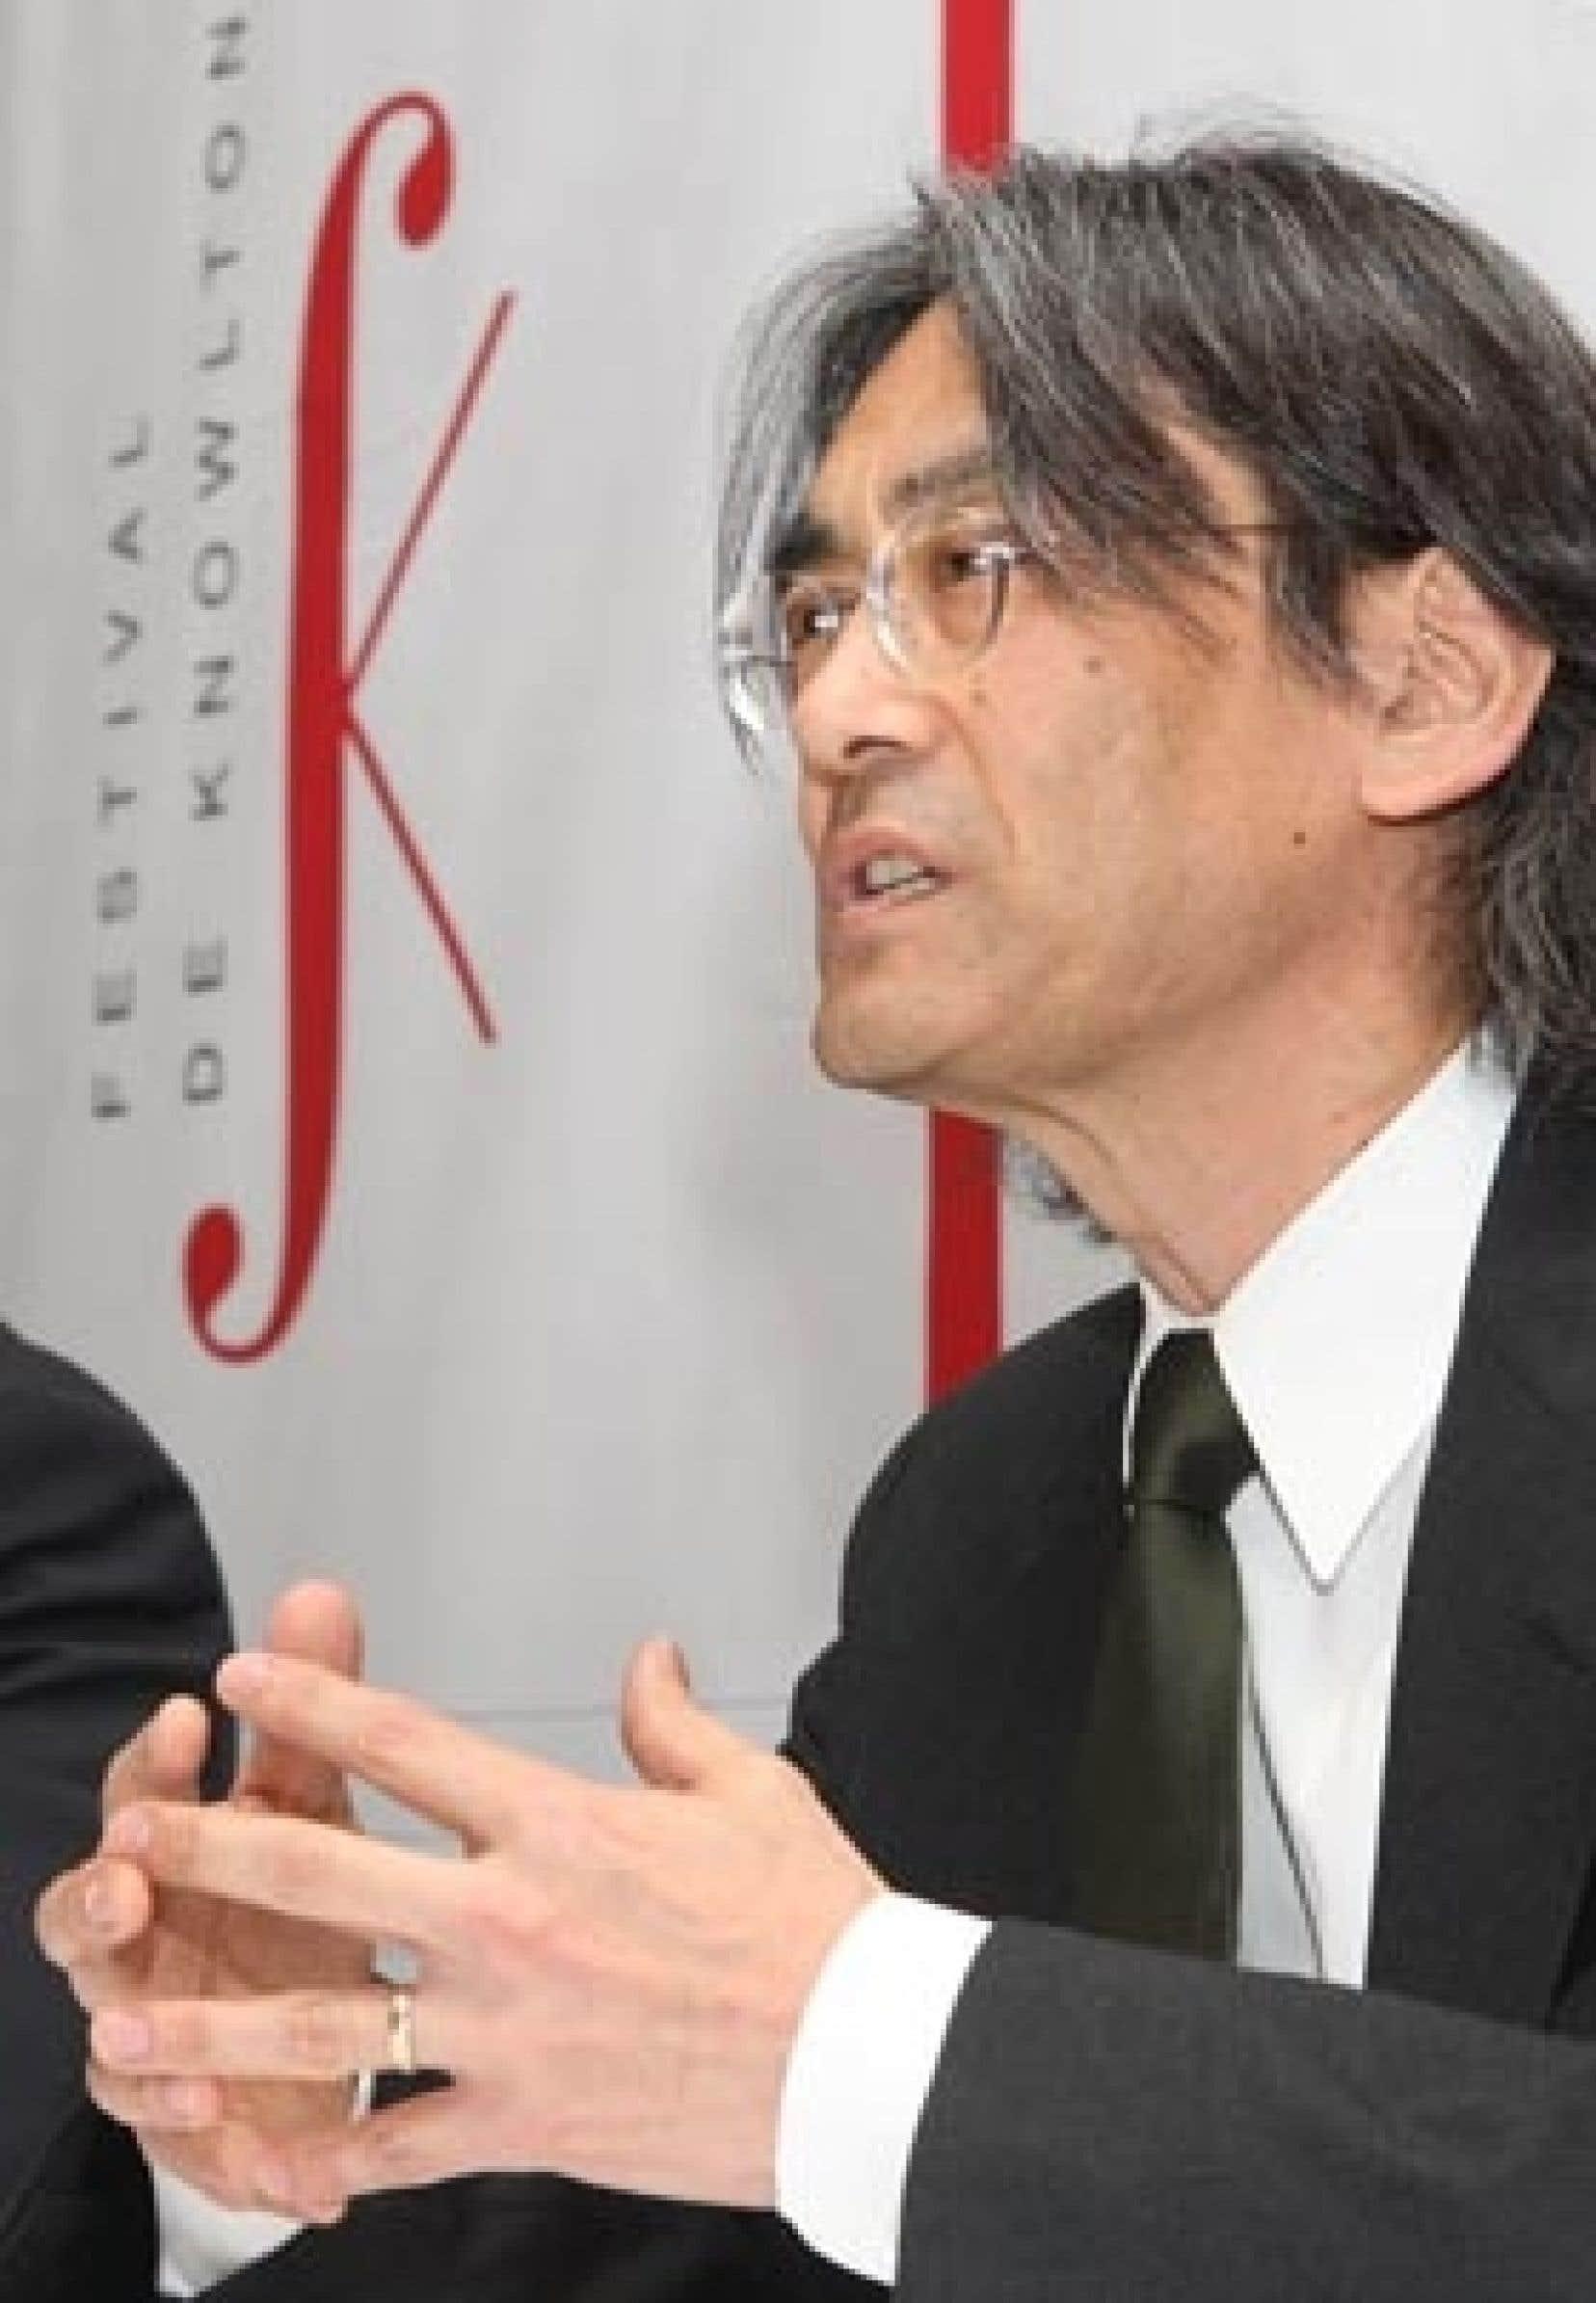 Avec la fin du festival Mozart Plus à Montréal, le maestro Kent Nagano sera davantage présent au Festival de Knowlton 2009, alors qu'il y dirigera pas moins de sept concerts en hommage à Brahms.